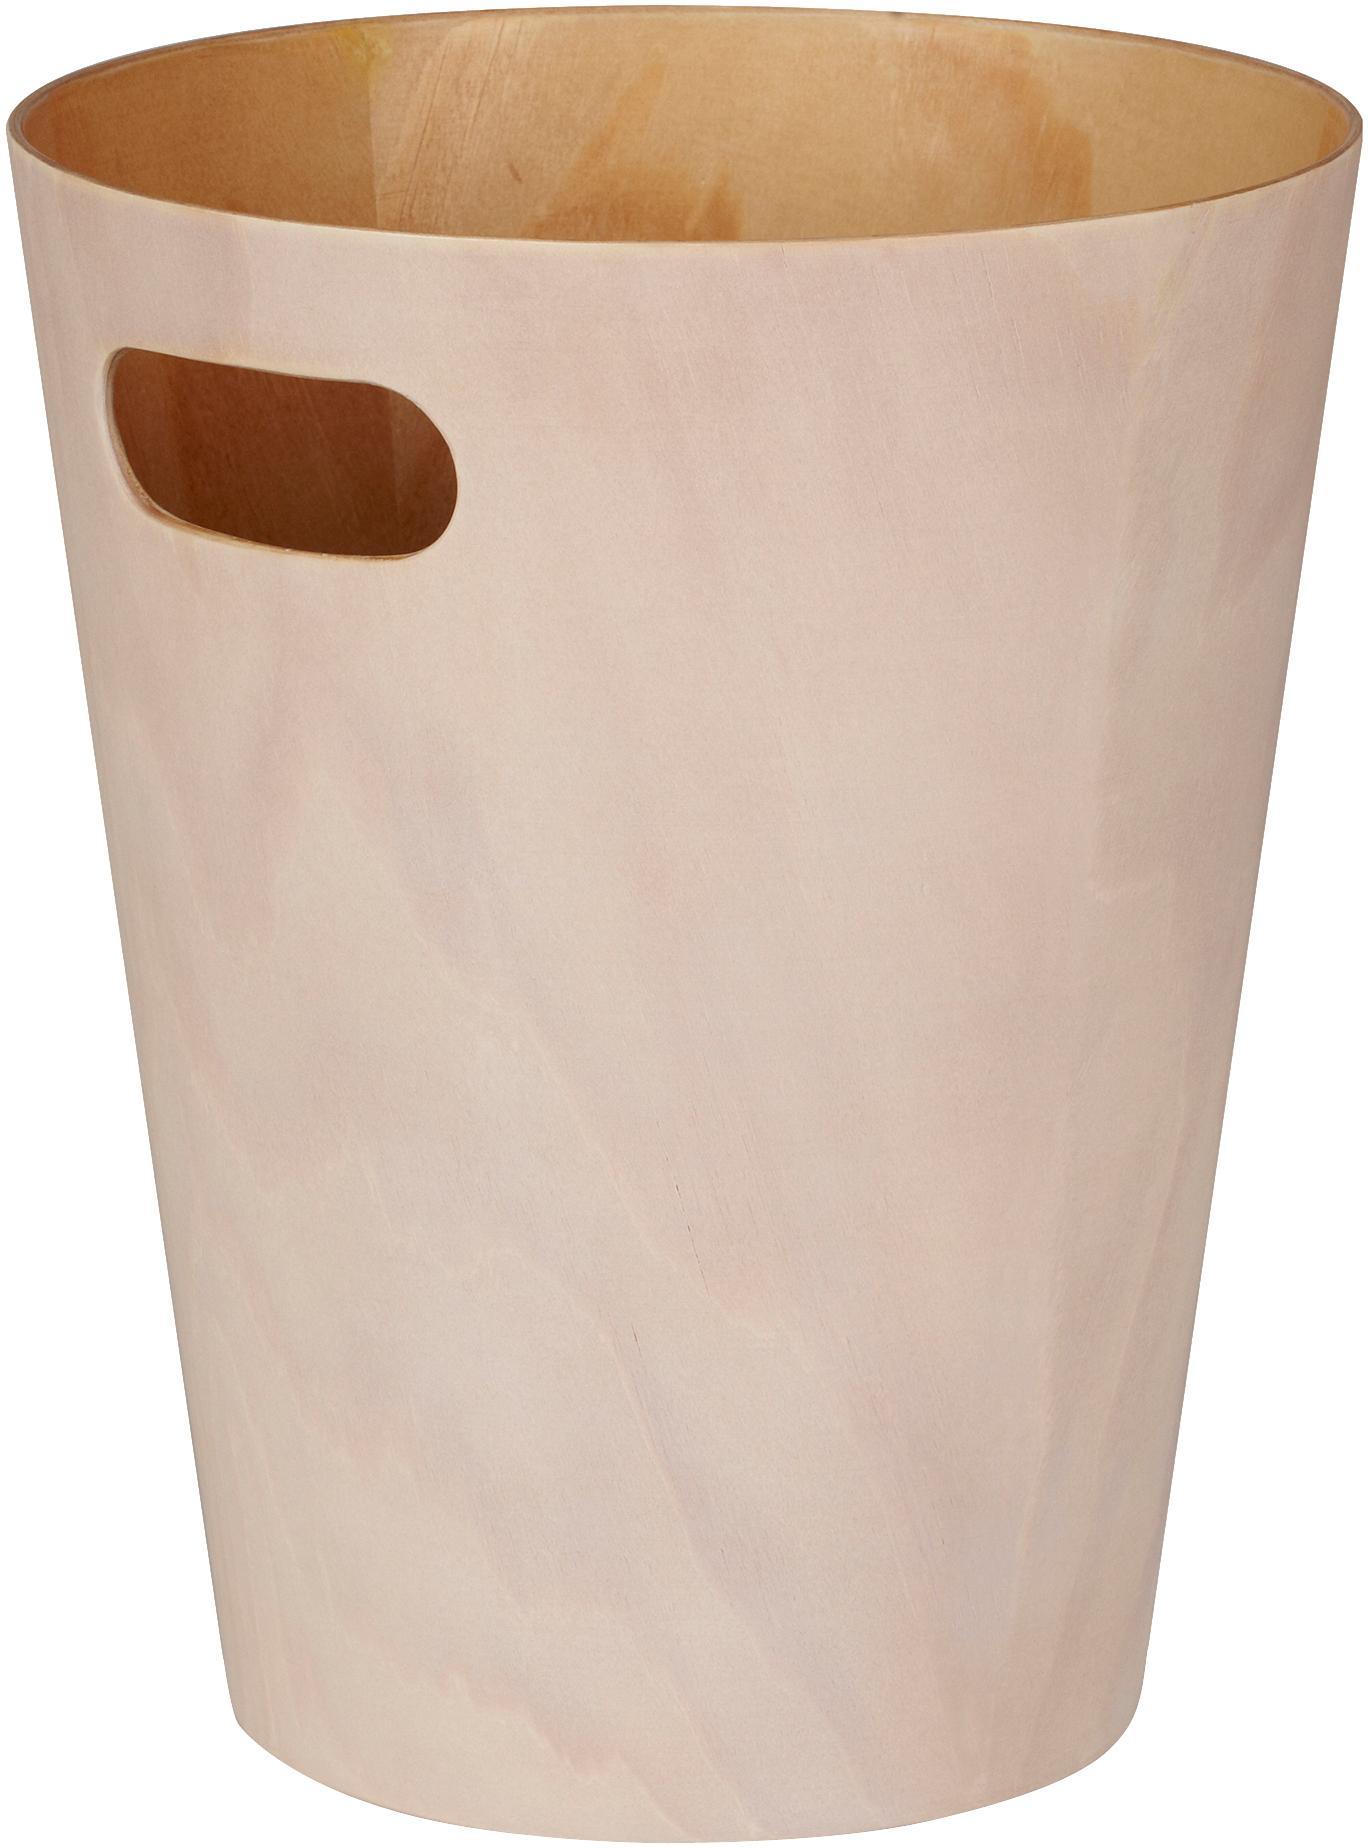 Kosz na śmieci XS Woodrow Can, Drewno lakierowane, Kremowy, Ø 23 x W 28 cm